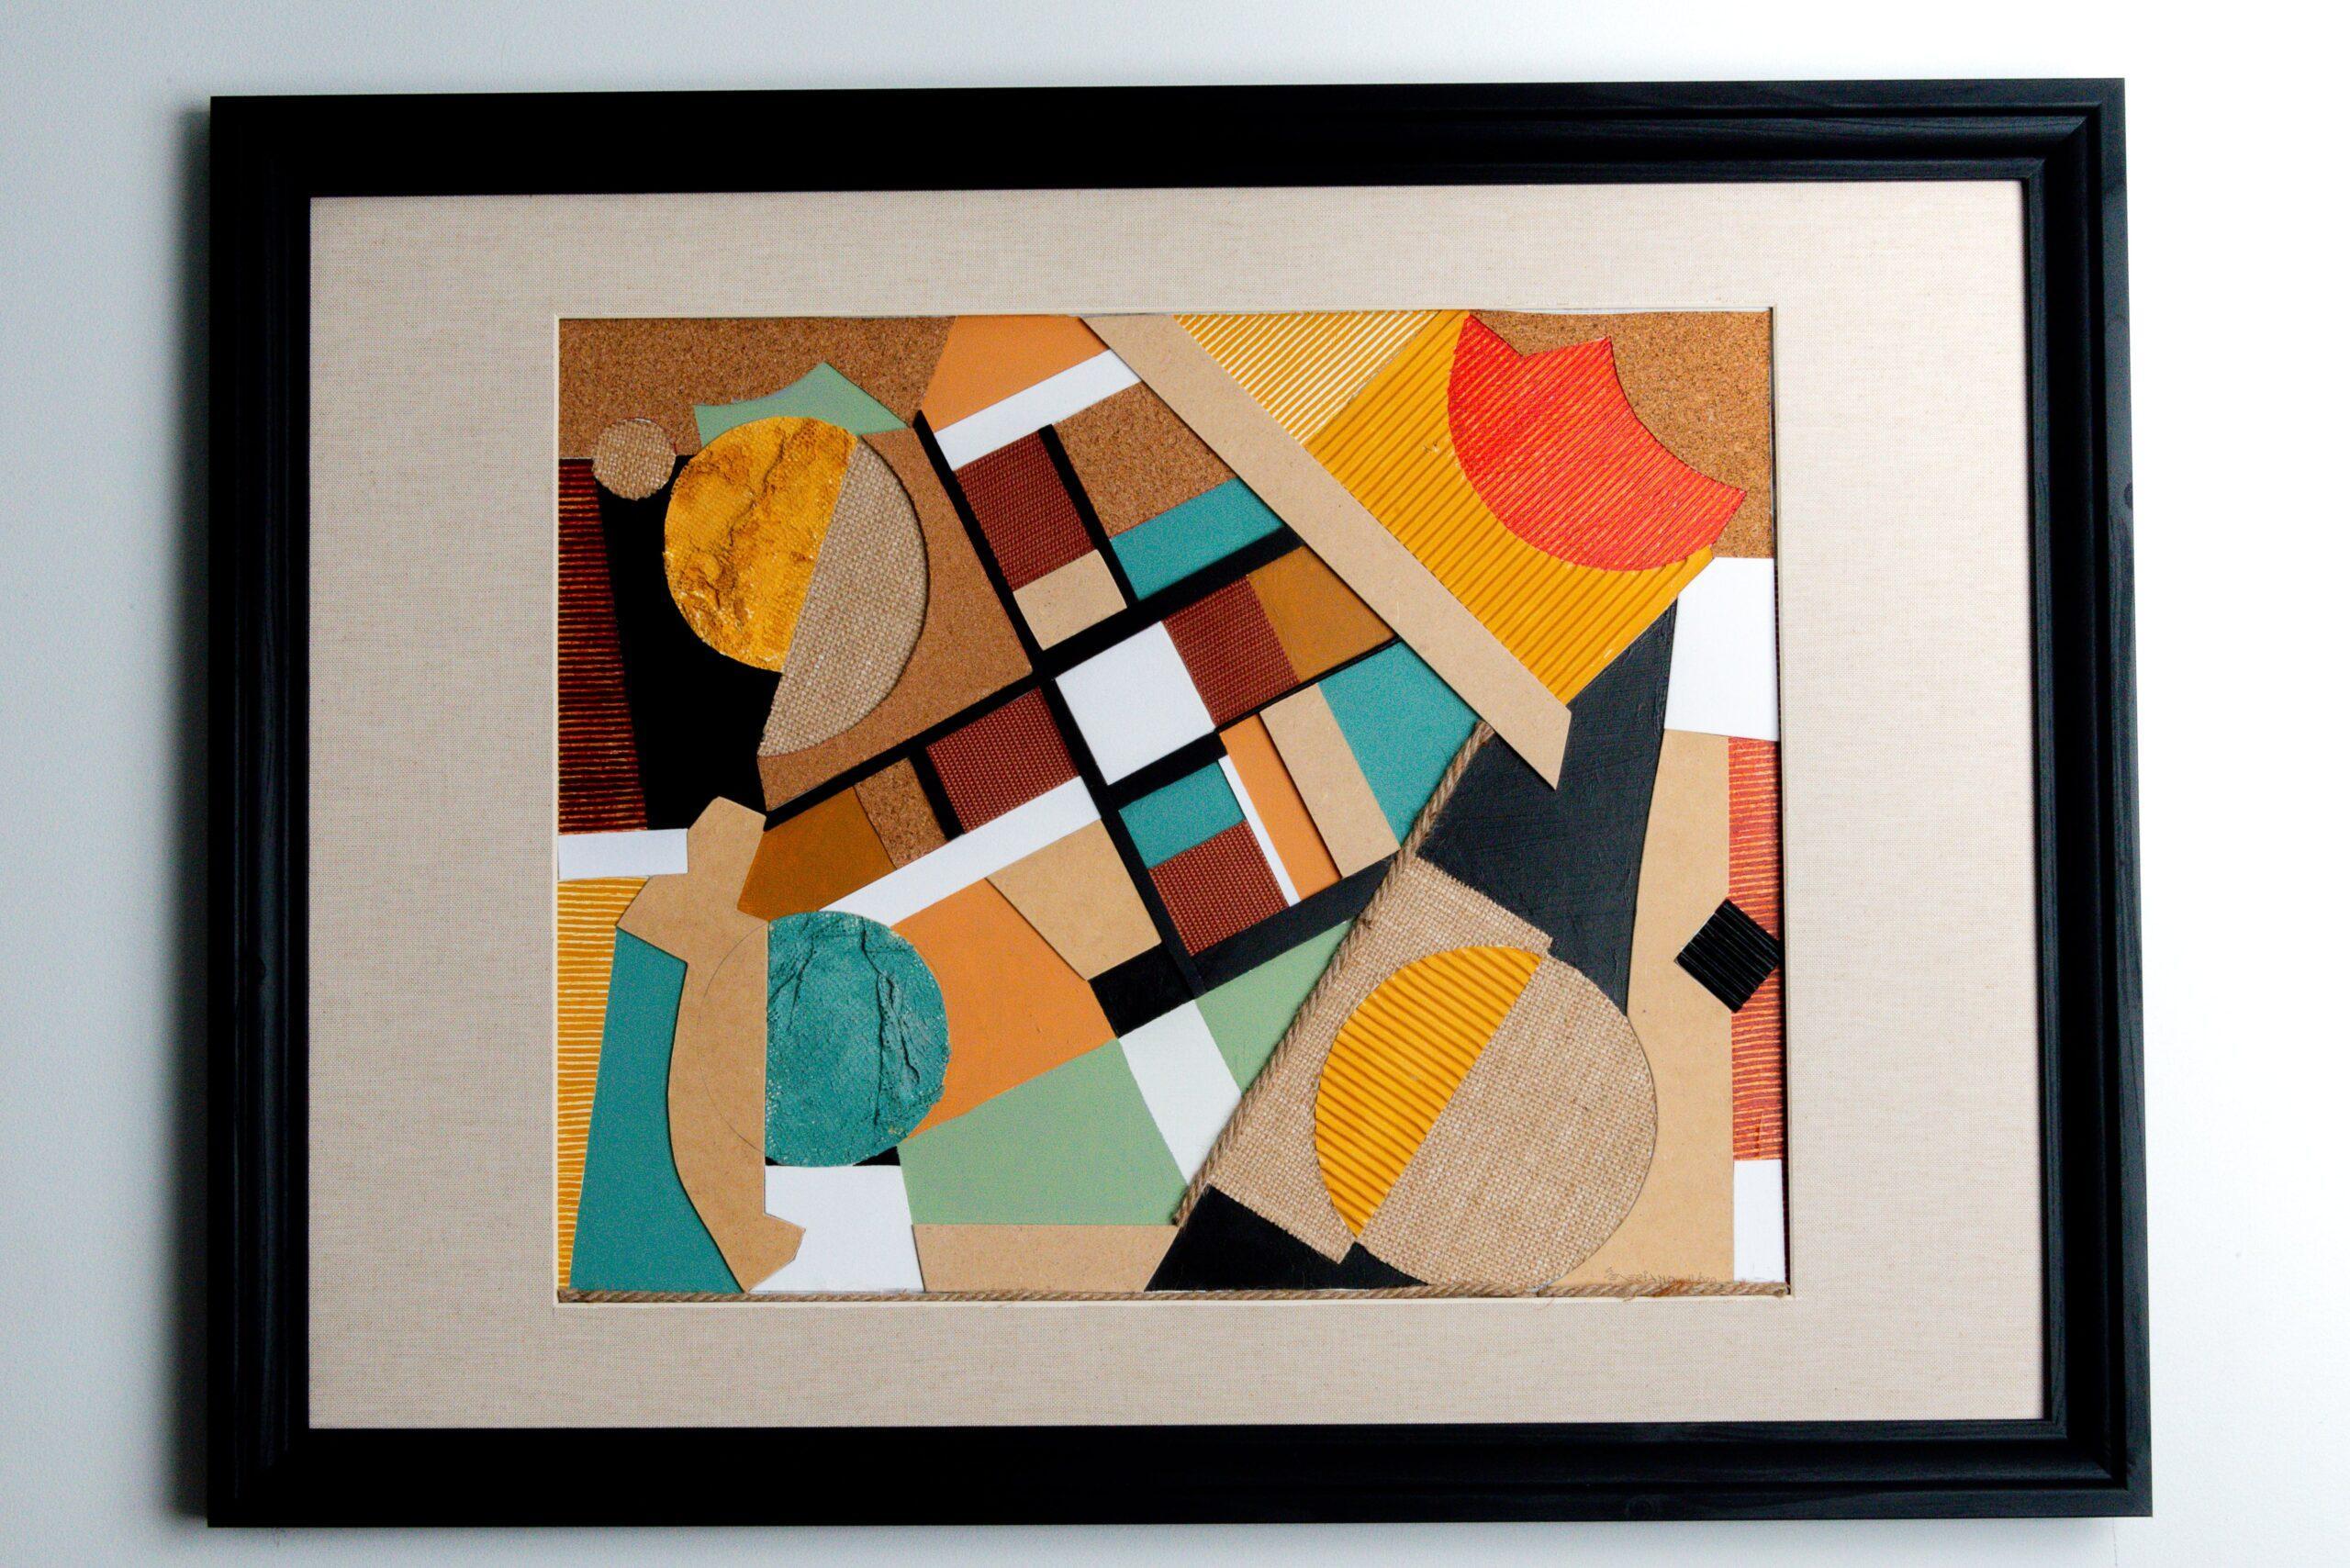 Obras de Arte e Quadros de José Severiano Poesia